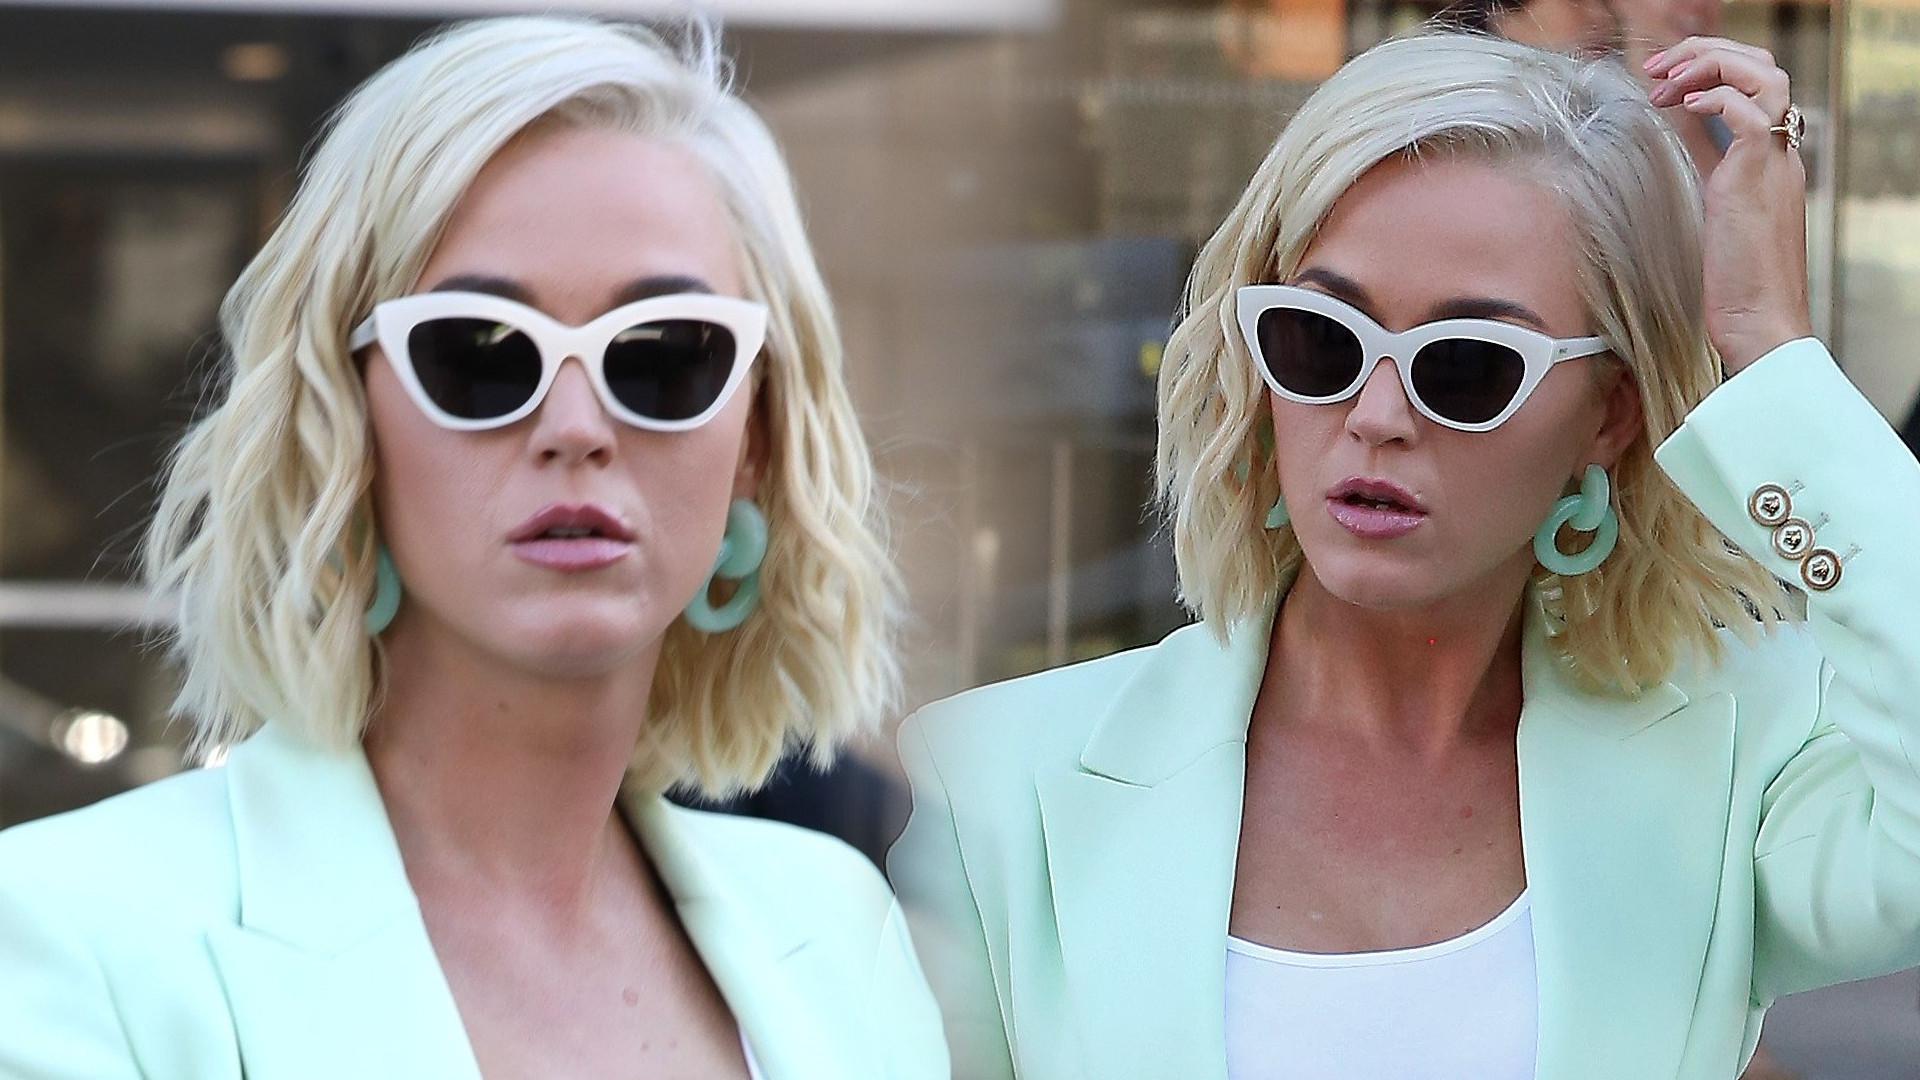 Katy Perry idzie do sądu – marynarka ledwo się dopięła na jej brzuchu (ZDJĘCIA)